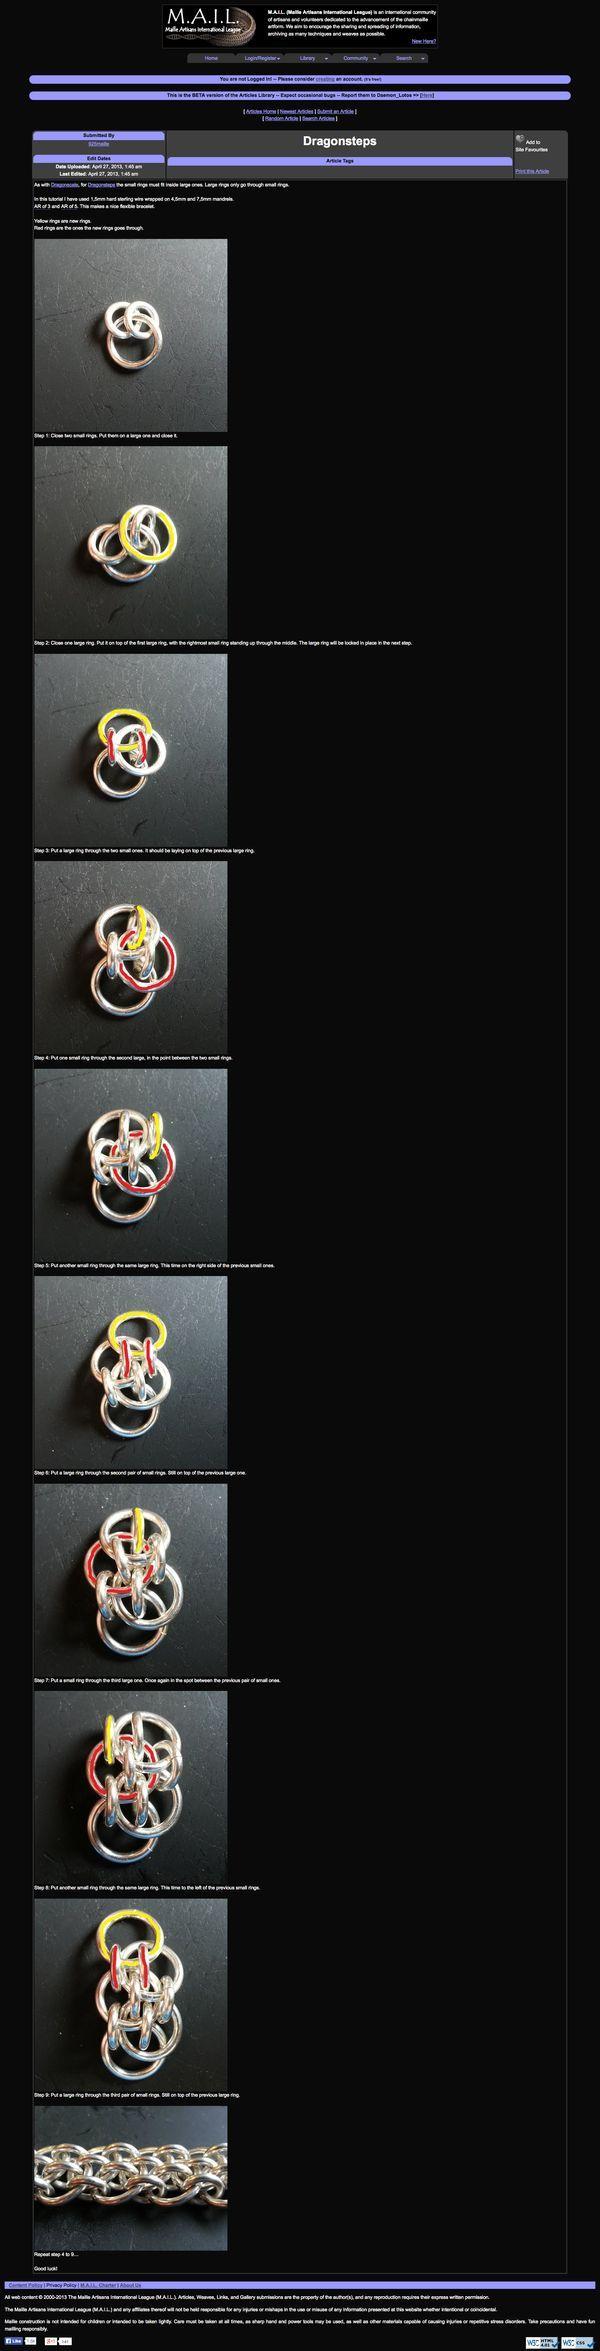 20650b79f626bd286ab587b449f9d2fc.jpg 600×2,351 pixels